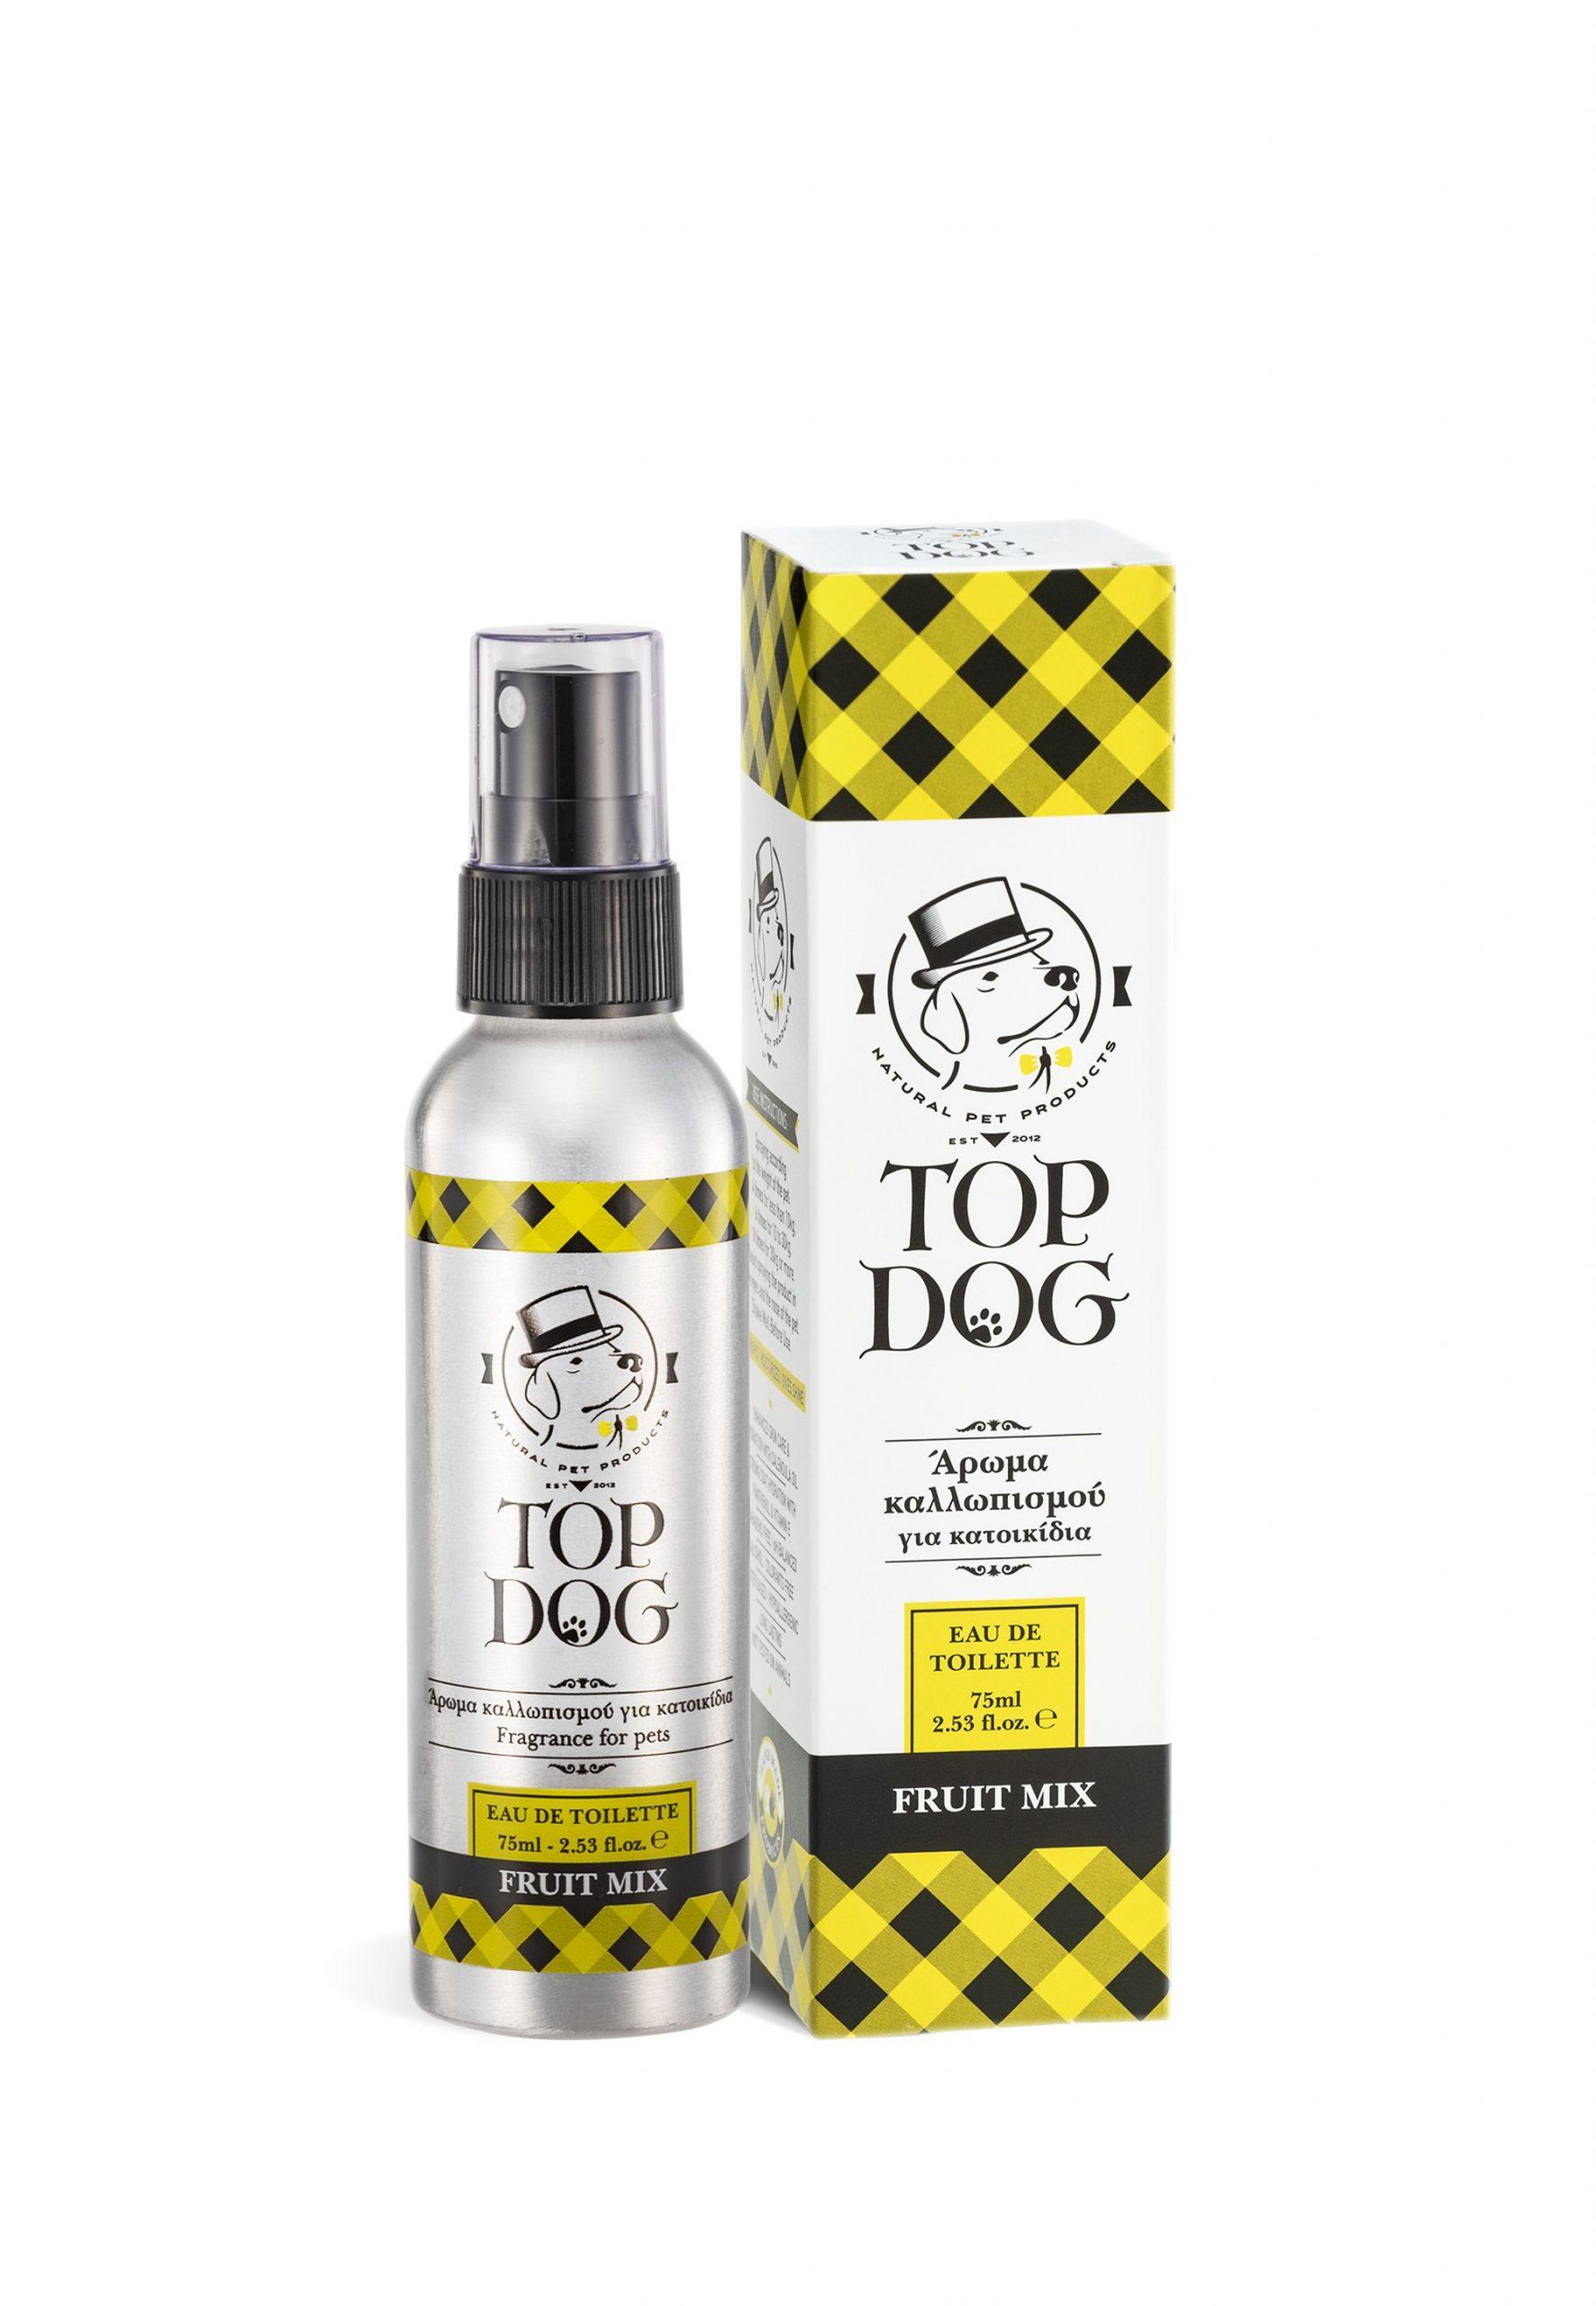 Άρωμα για σκύλους Top Dog Fruit Mix